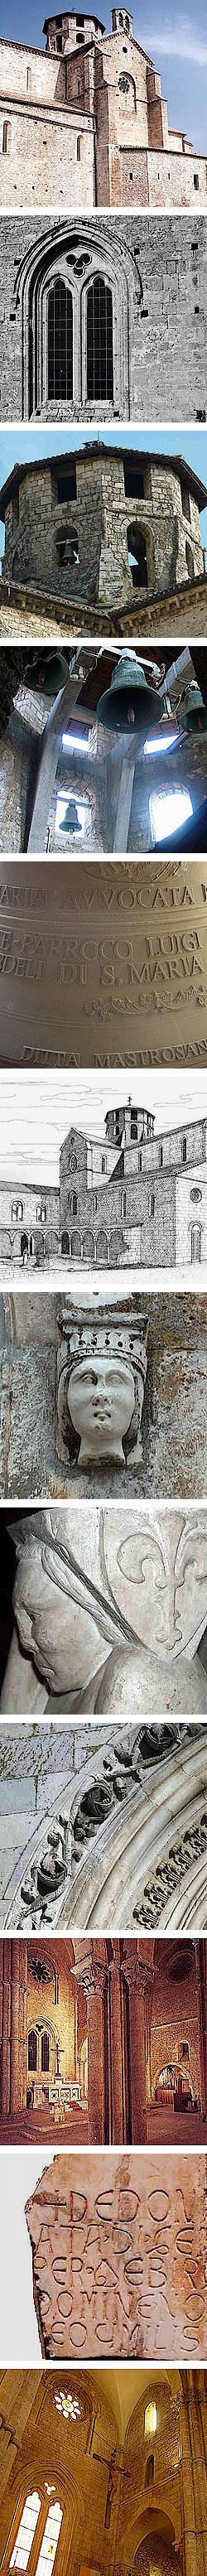 Santa Maria Maggiore in Ferentino